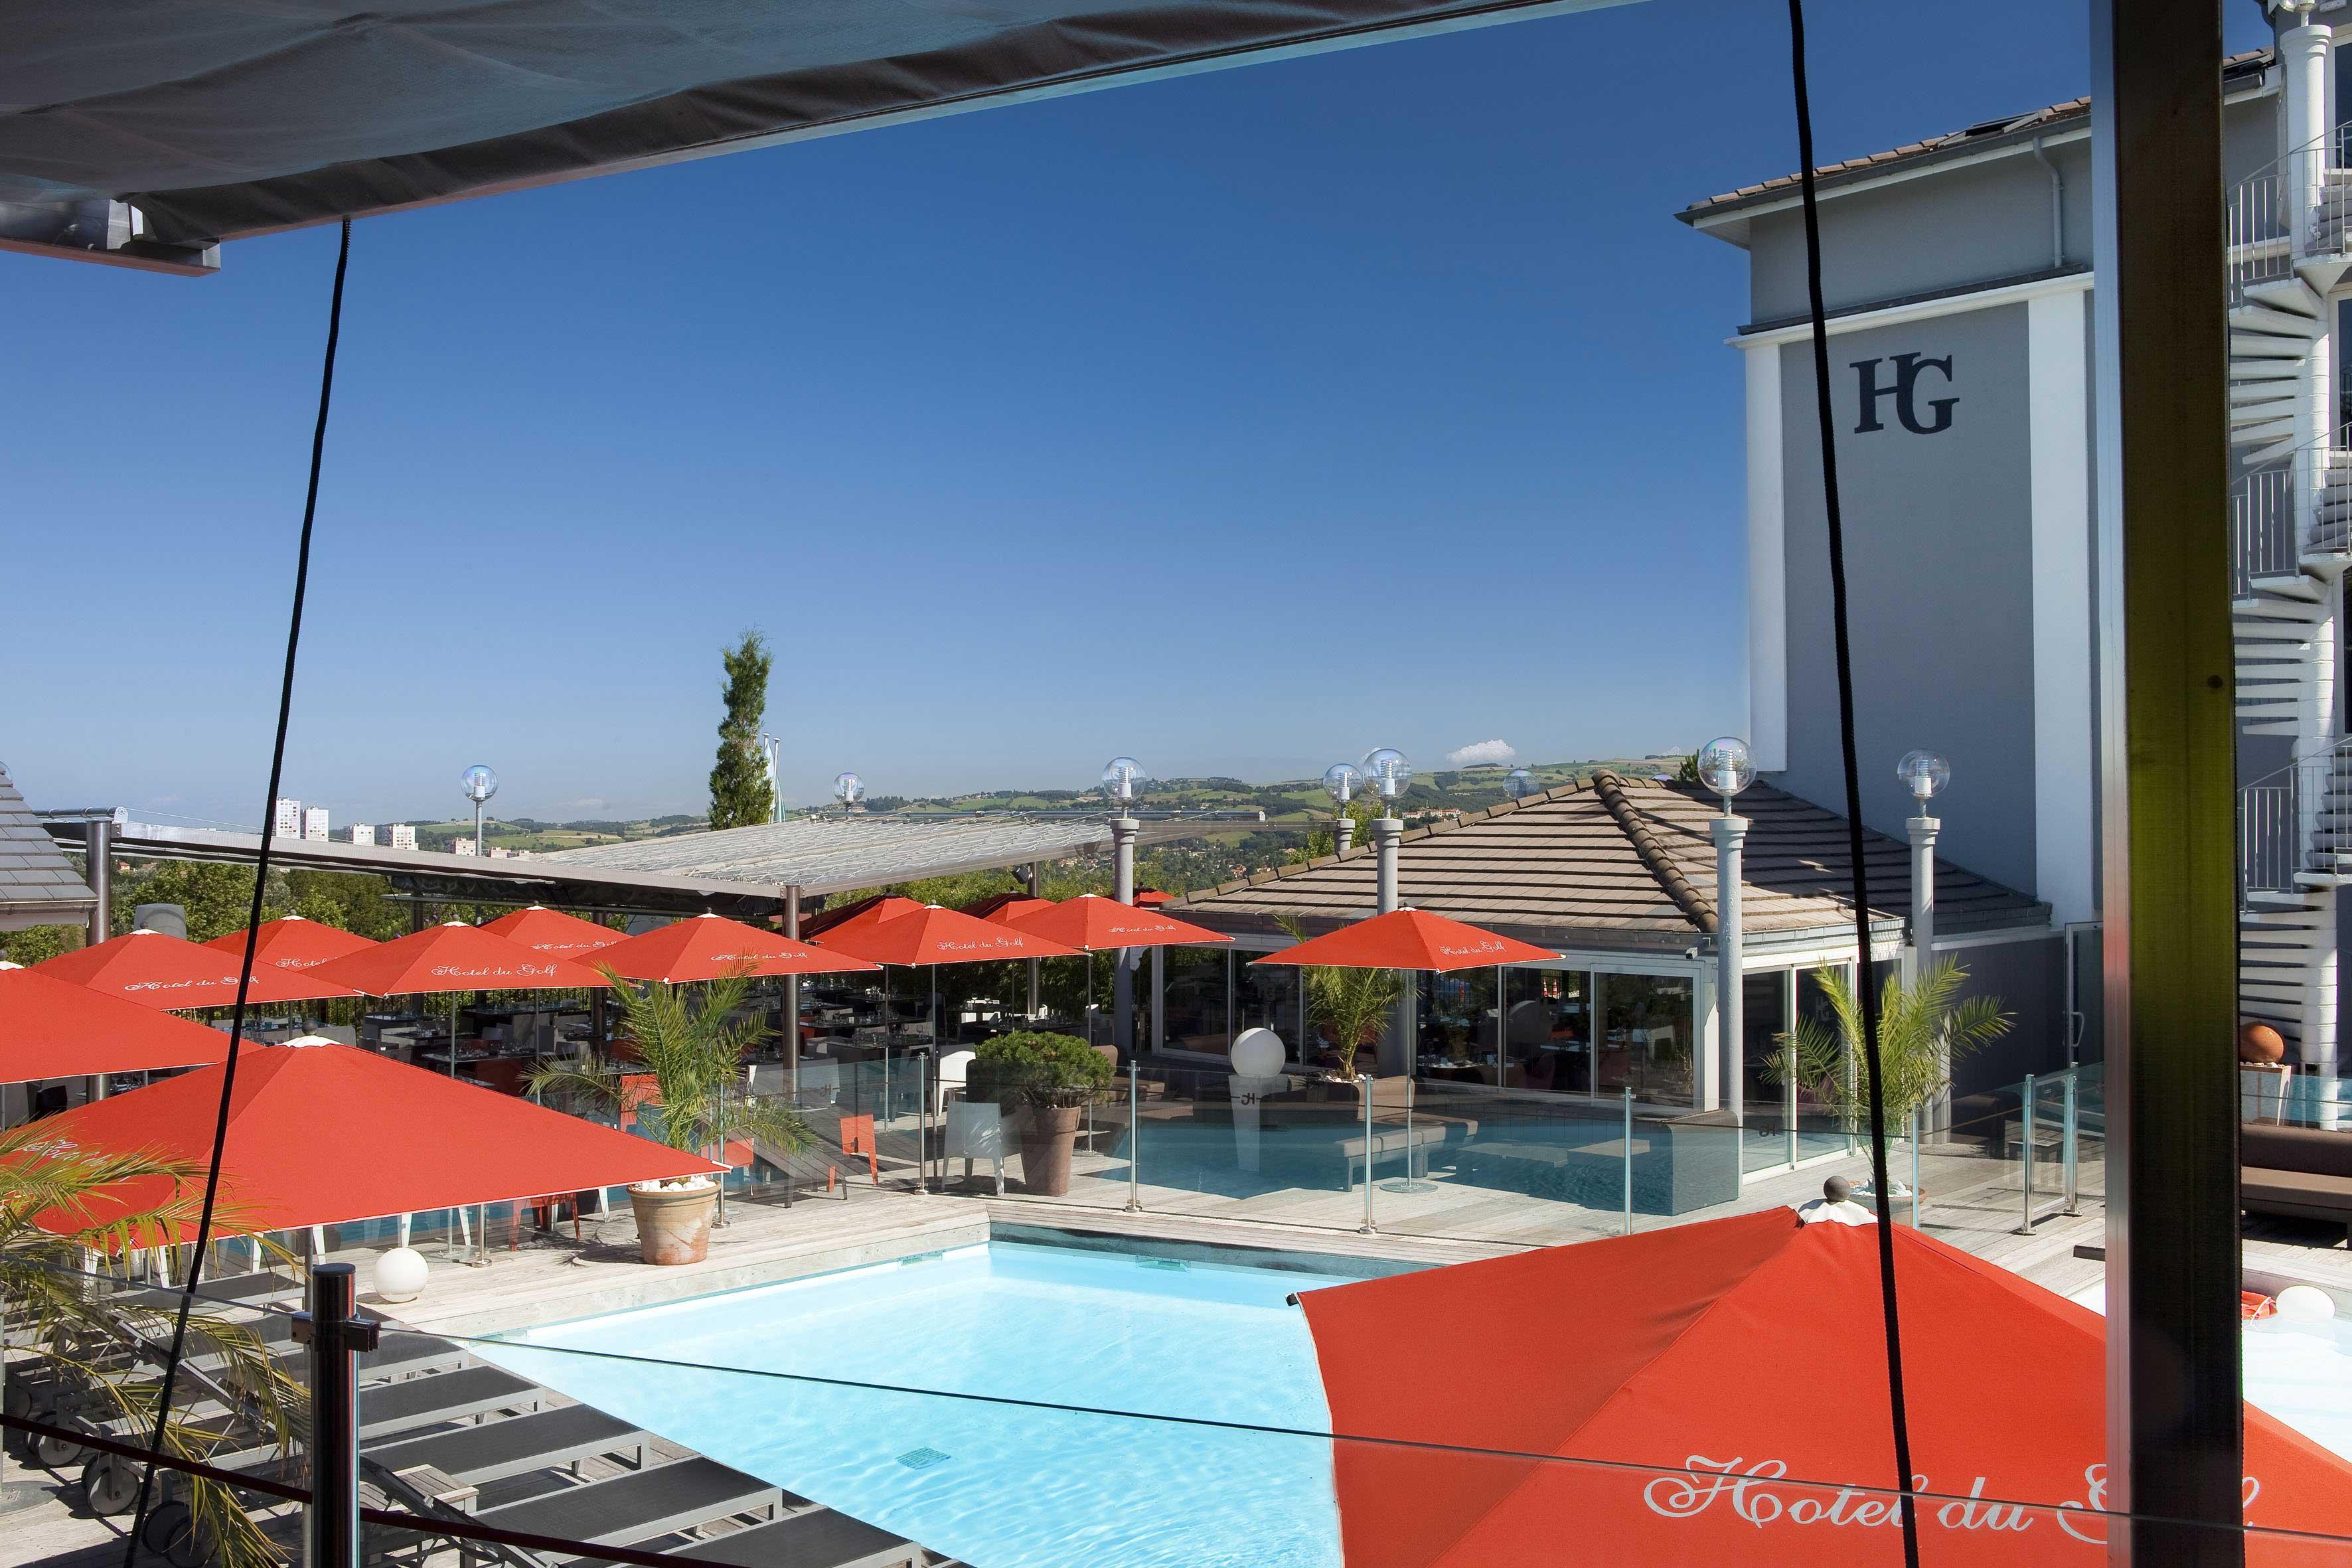 rbconcept-hotel-du-golf-terrasse-été-piscine